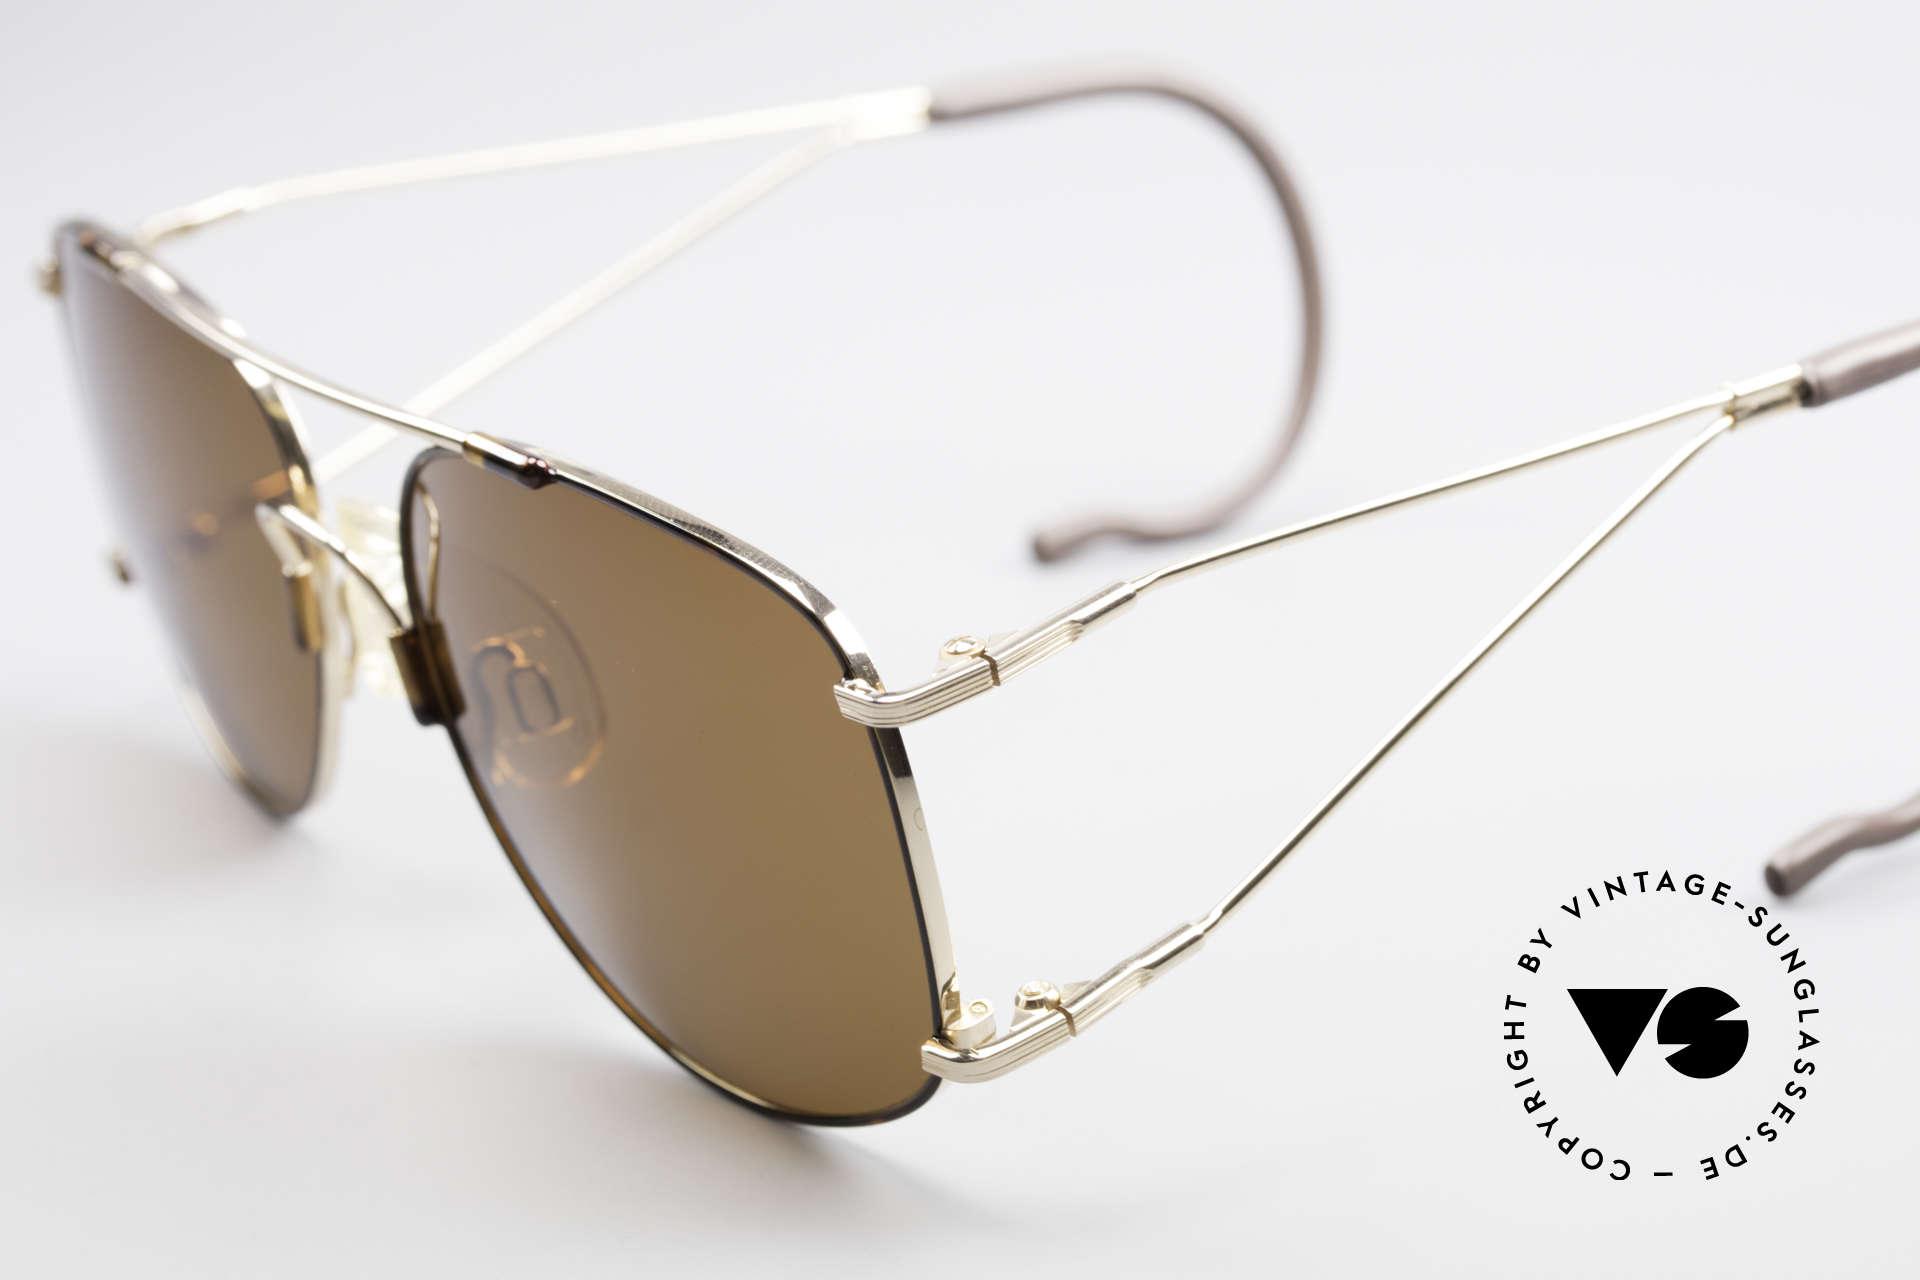 Neostyle Sunsport 1501 Titanflex Vintage Sunglasses, after deformation, the frame returns to orig. form!, Made for Men